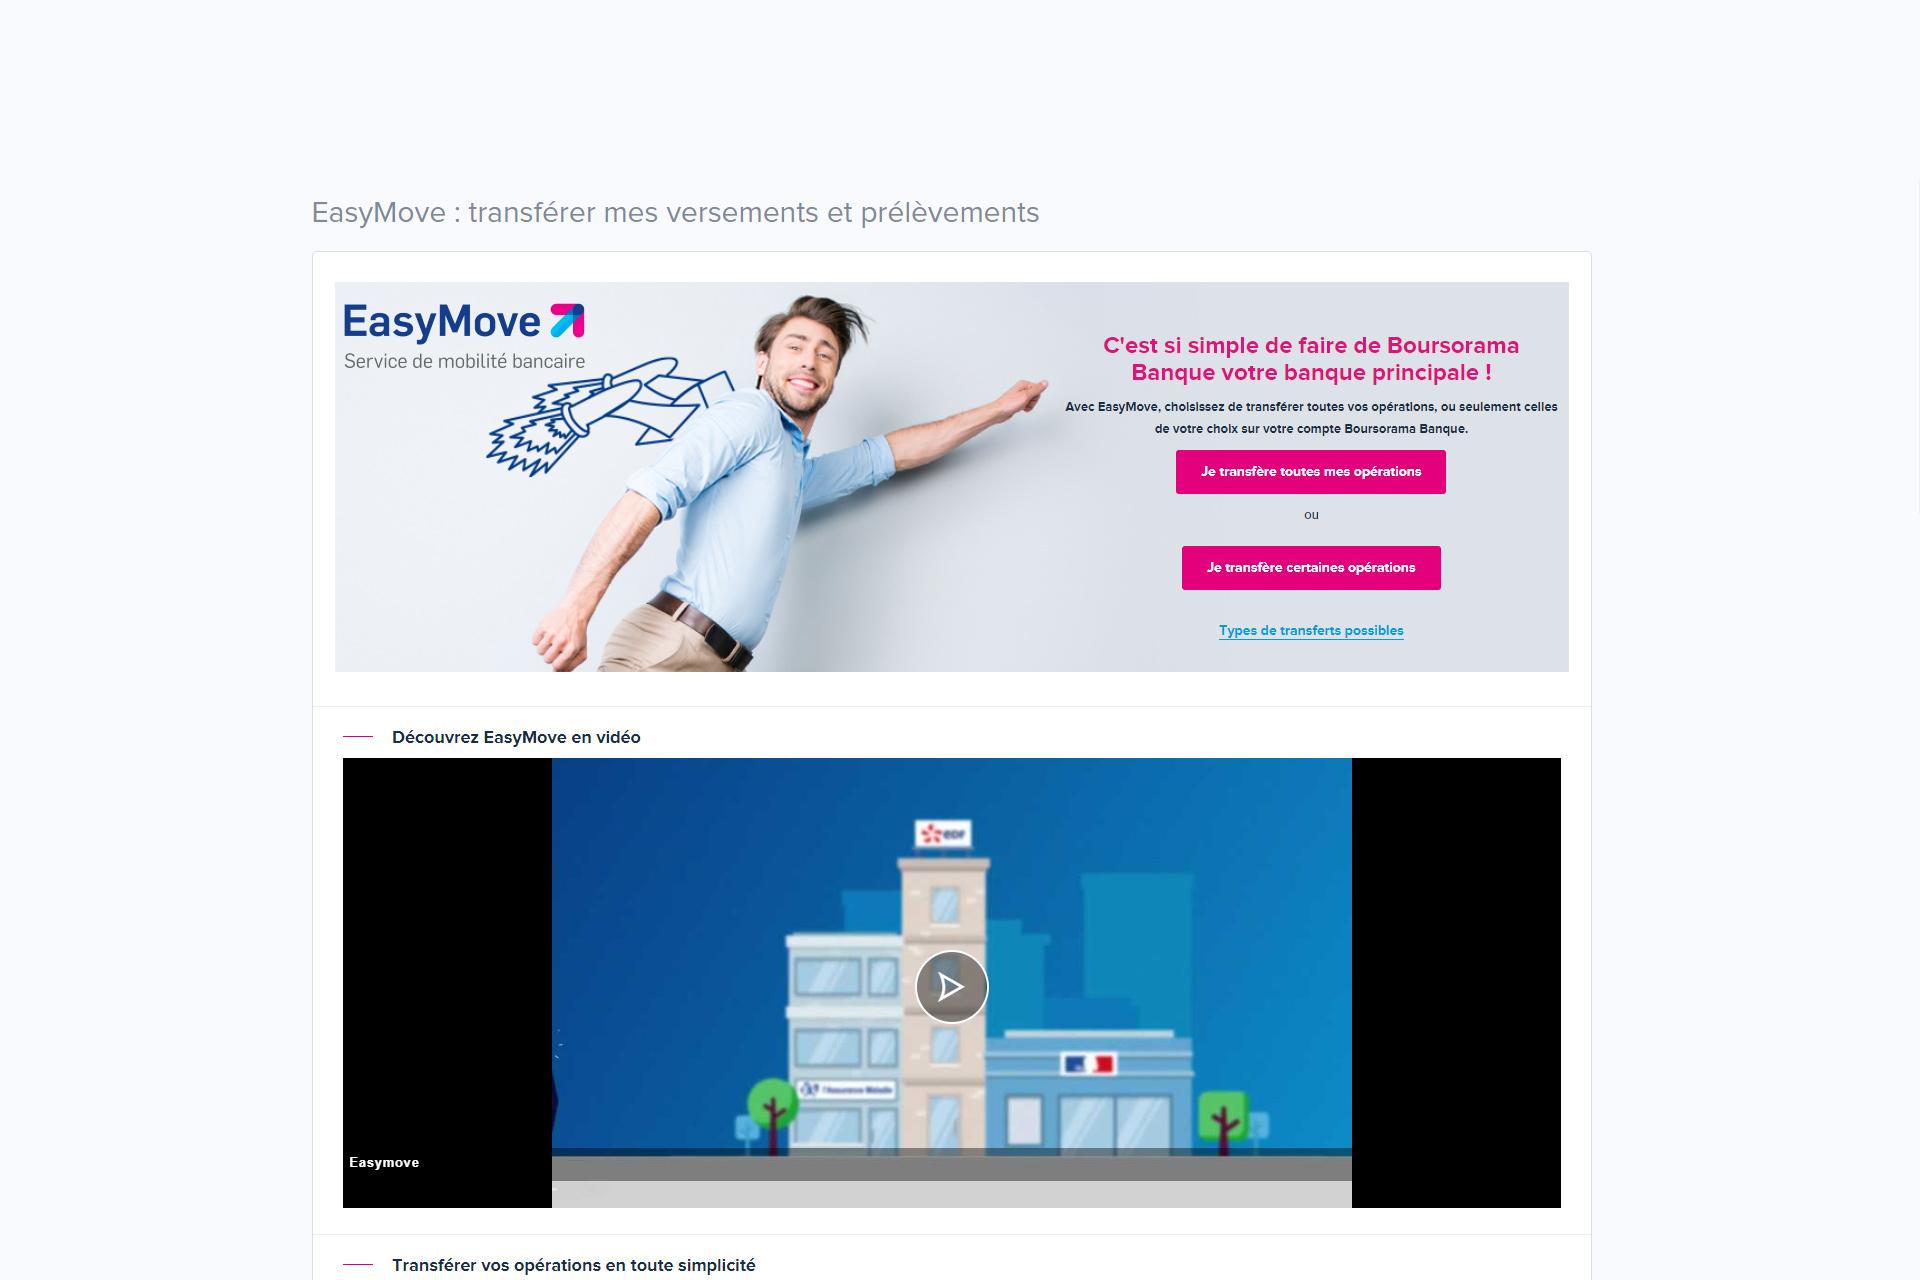 50€ offerts avec EasyMove, le service de mobilité bancaire Boursorama Banque